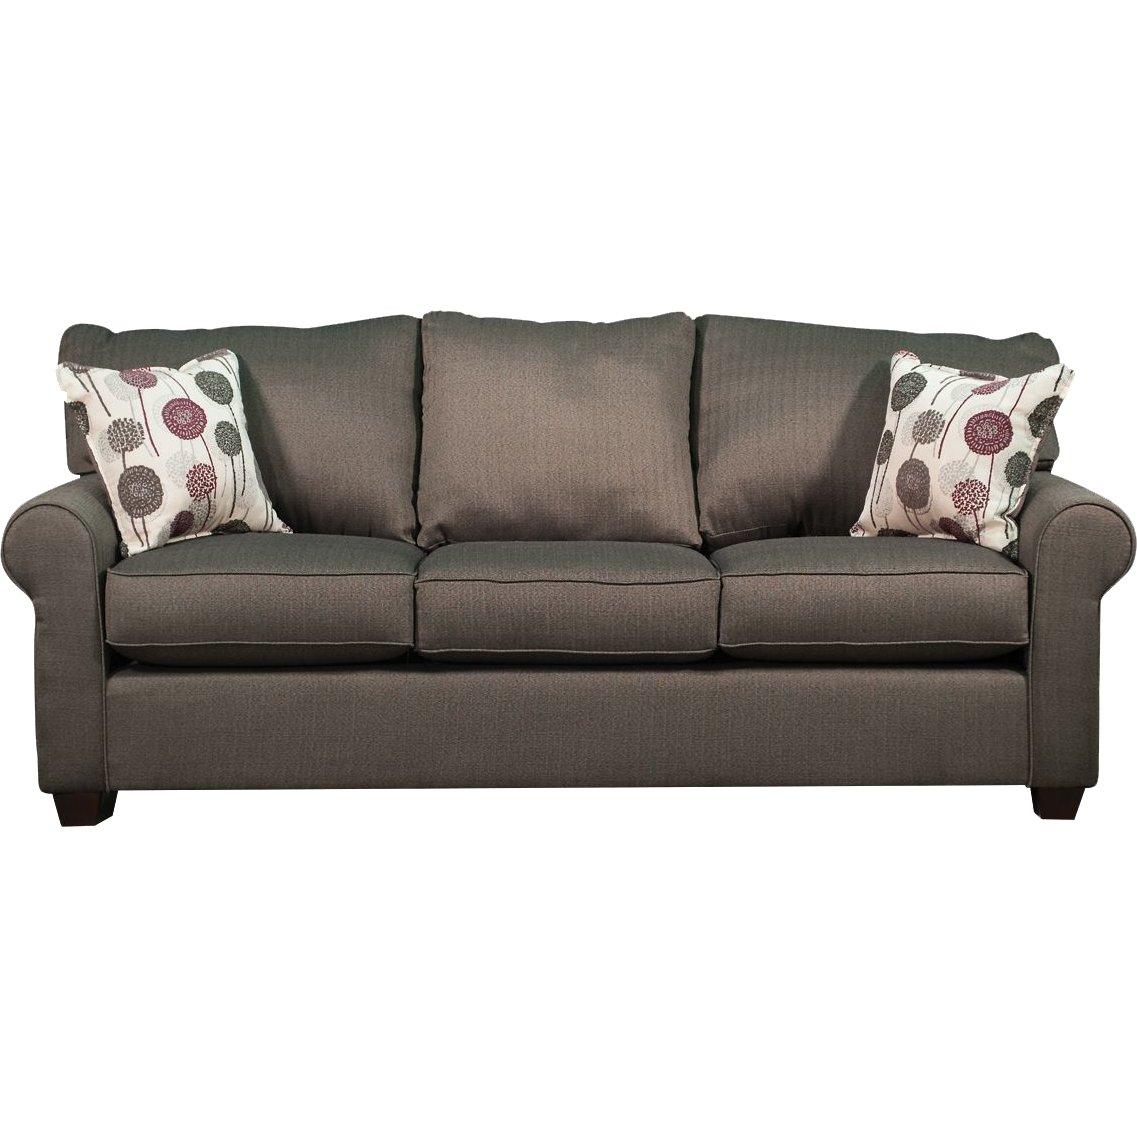 Casual Contemporary Slate Sofa - Seaside